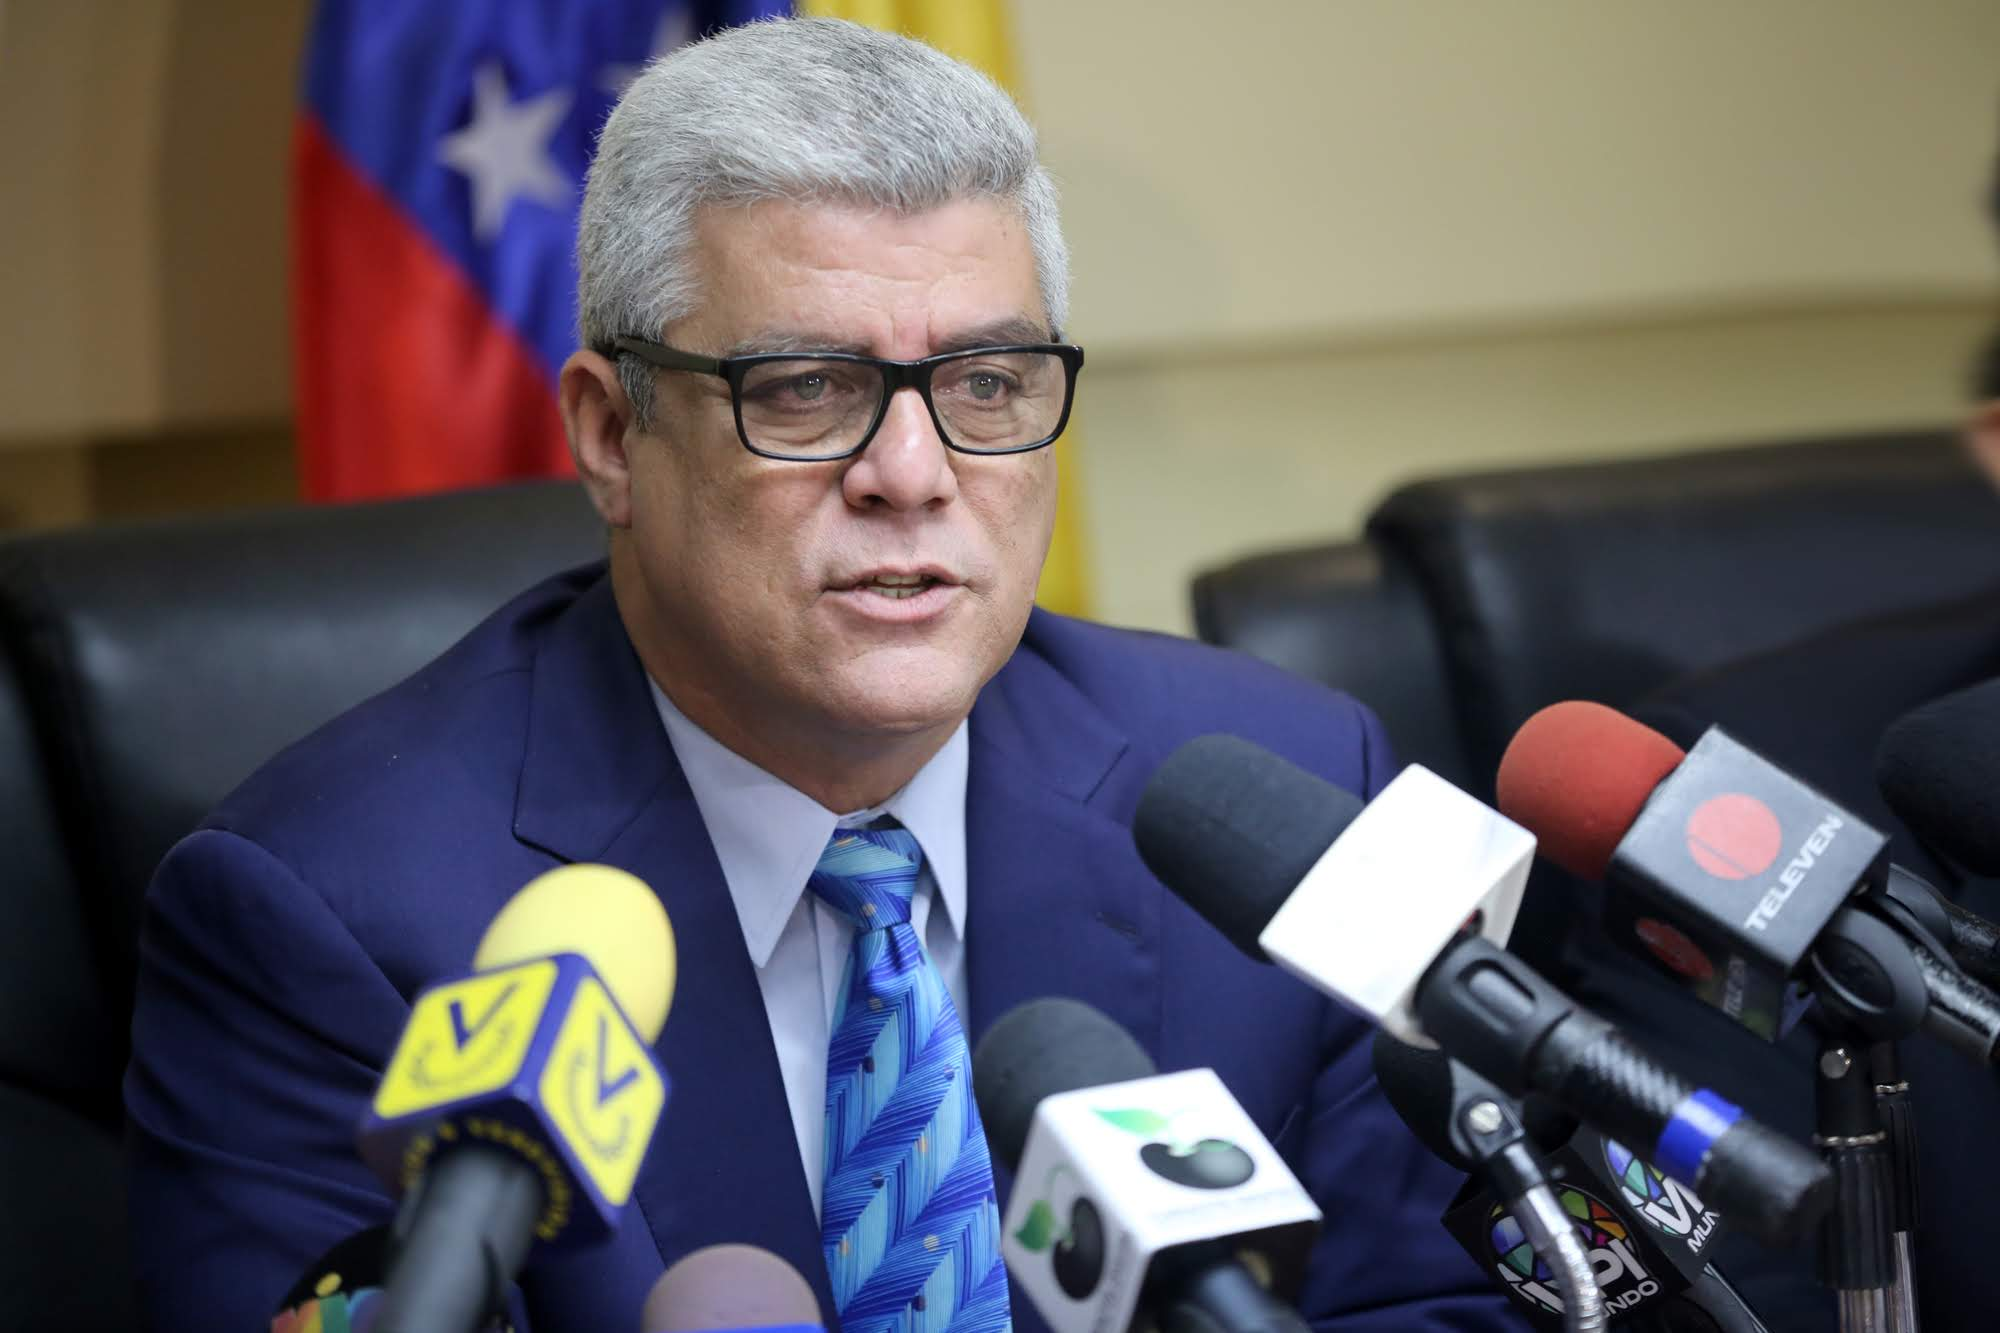 Inflación diaria en Venezuela fue de 2,8 % en junio #09Jul — AN